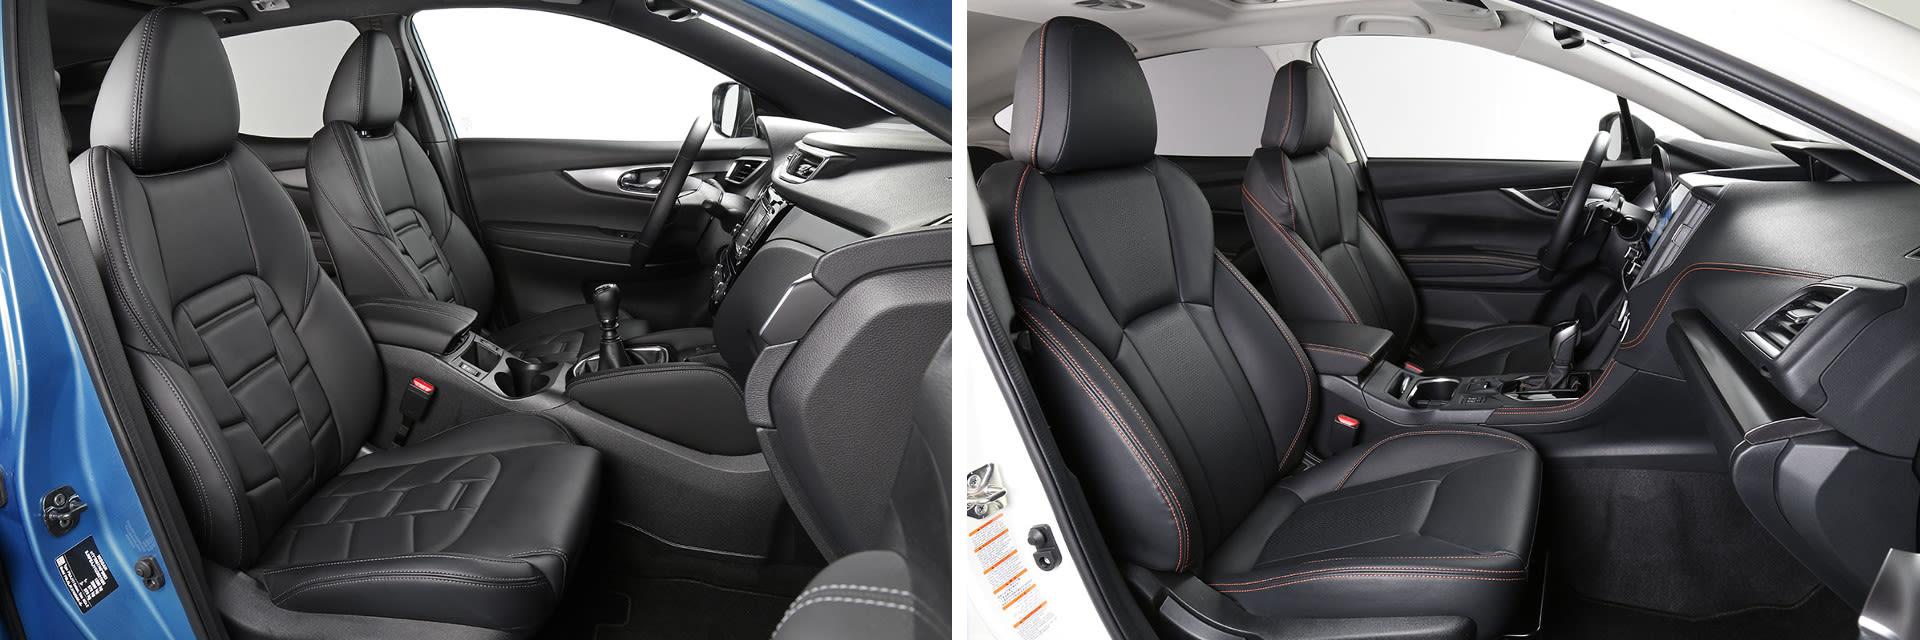 Los asientos delanteros del Subaru XV (dcha.) tienen un mullido más firme y una mejor sujeción que los del Nissan (izq.)